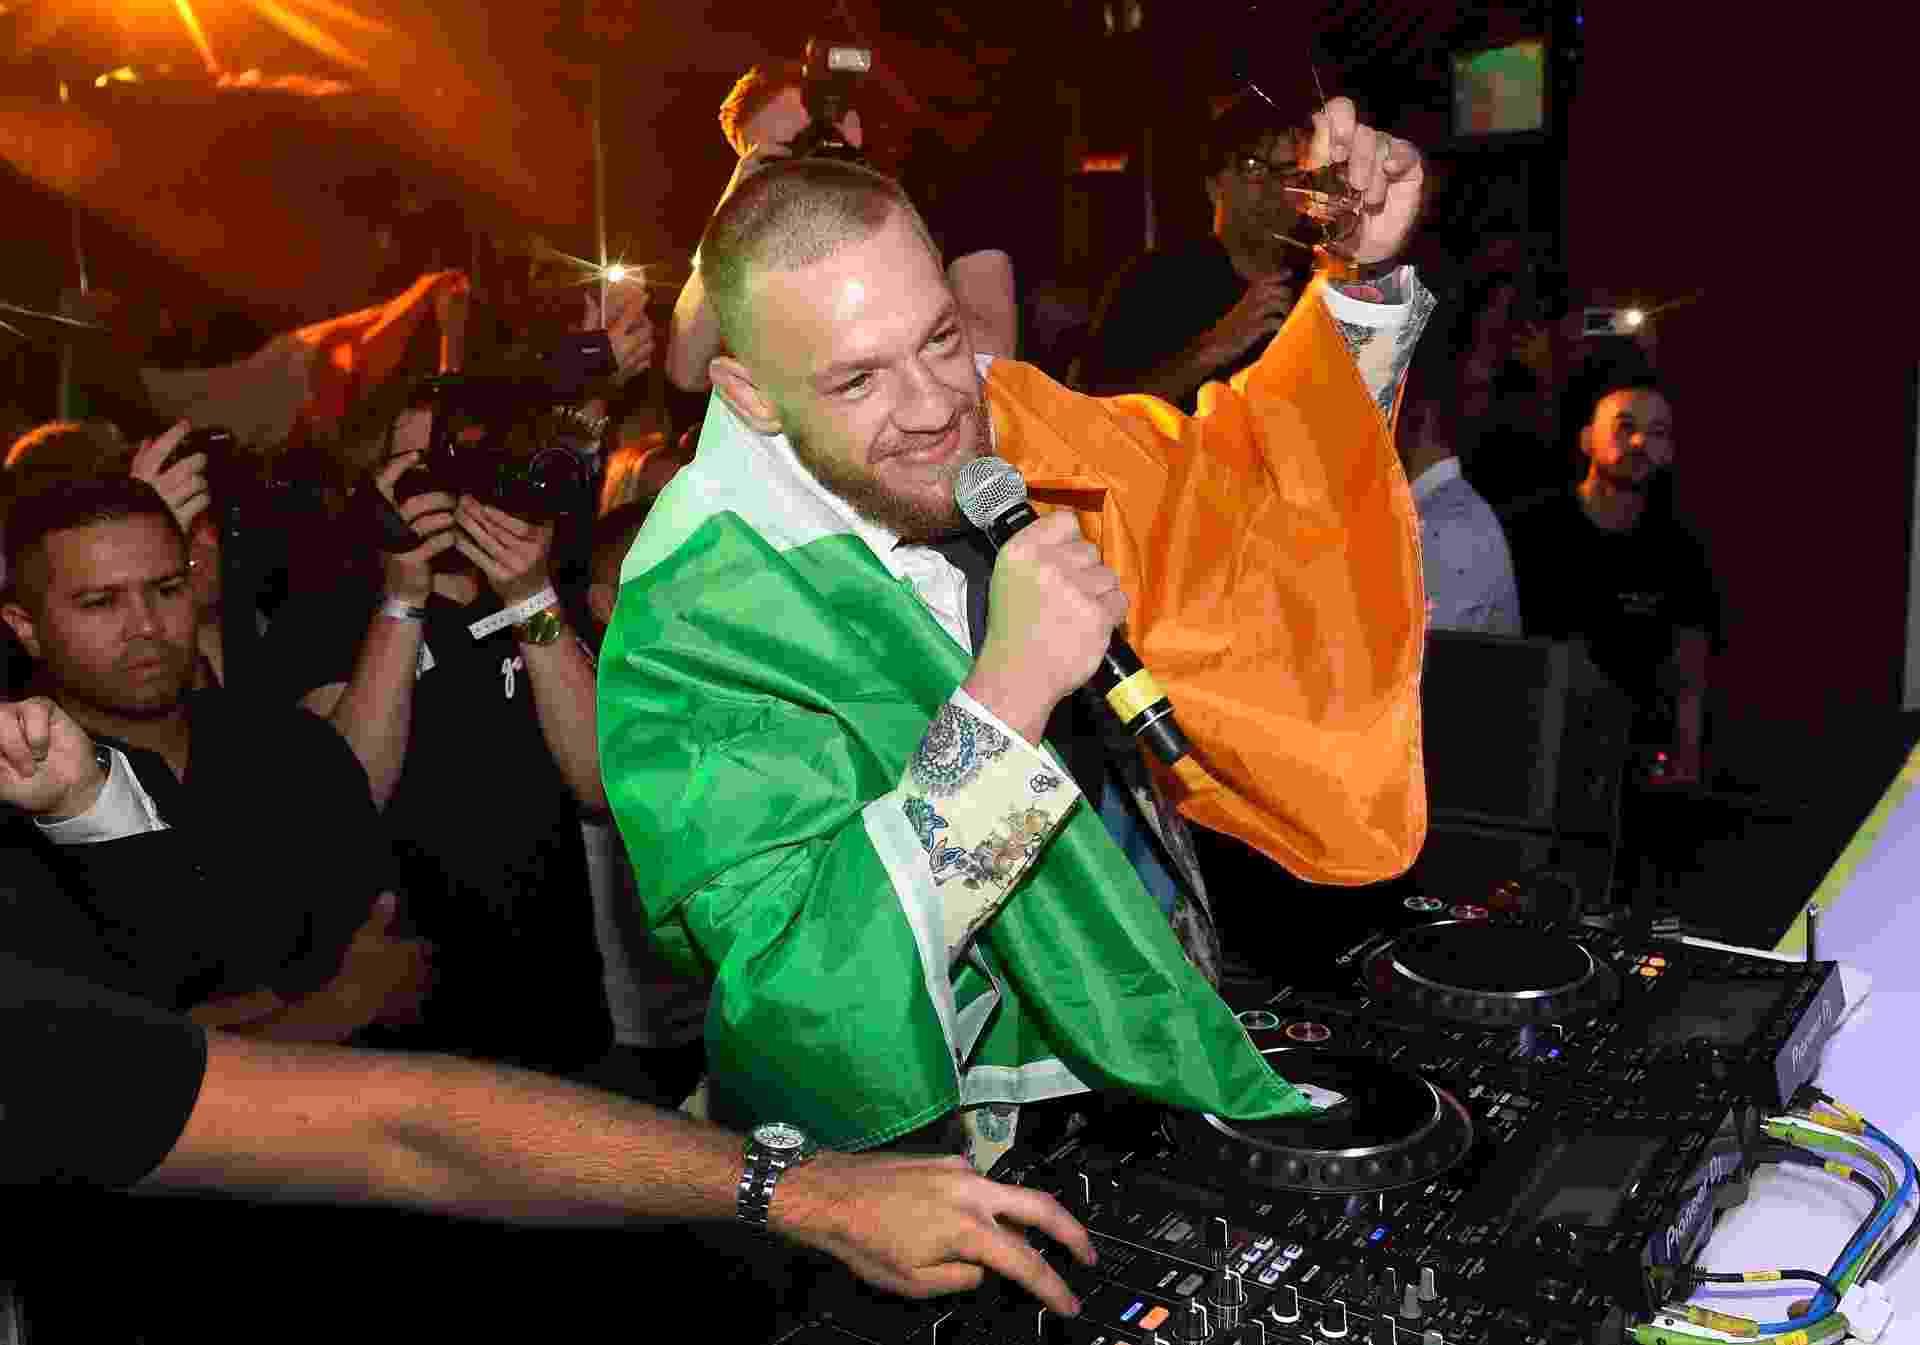 Conor McGregor celebra em balada em Las Vegas após luta contra Floyd Mayweather - Getty Images